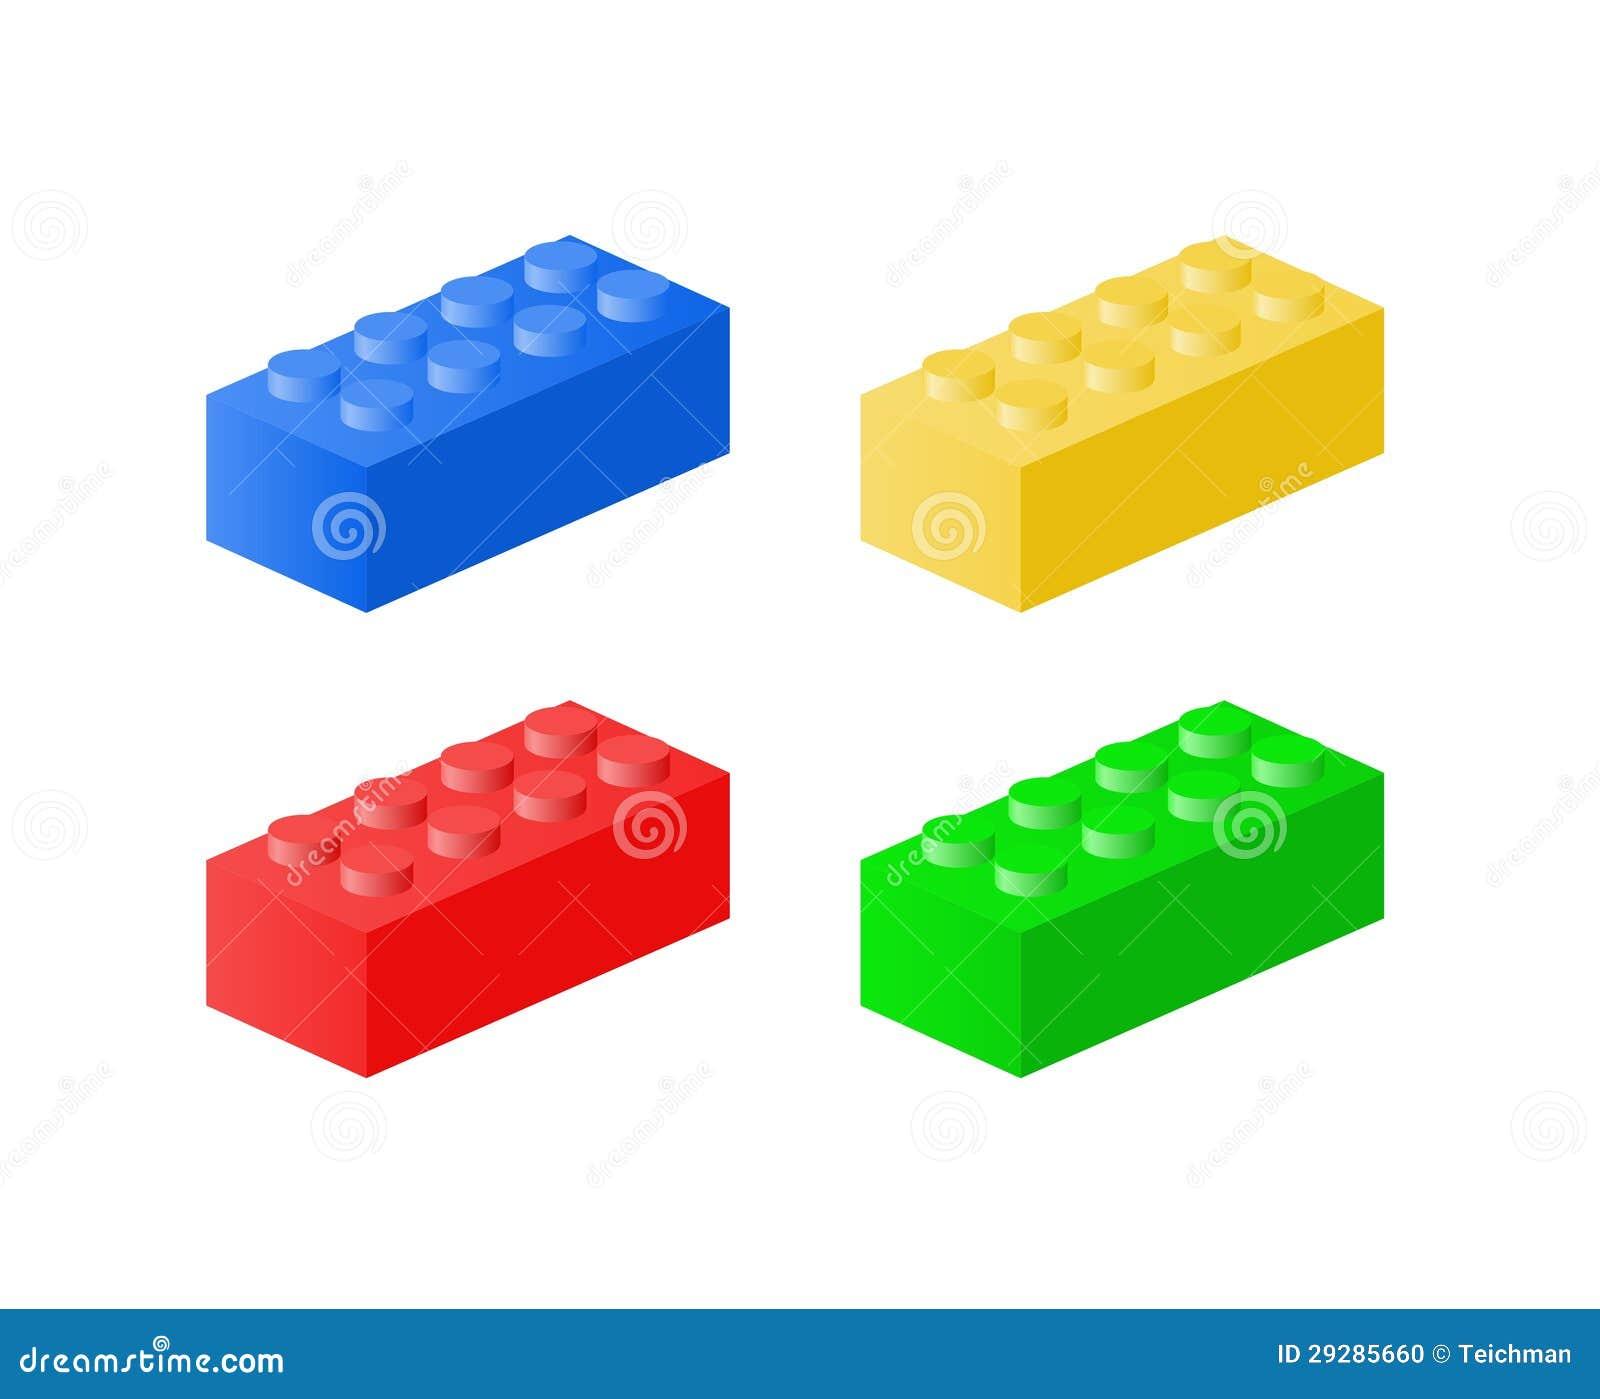 Lego Bricks Stock Photo - Image: 29285660